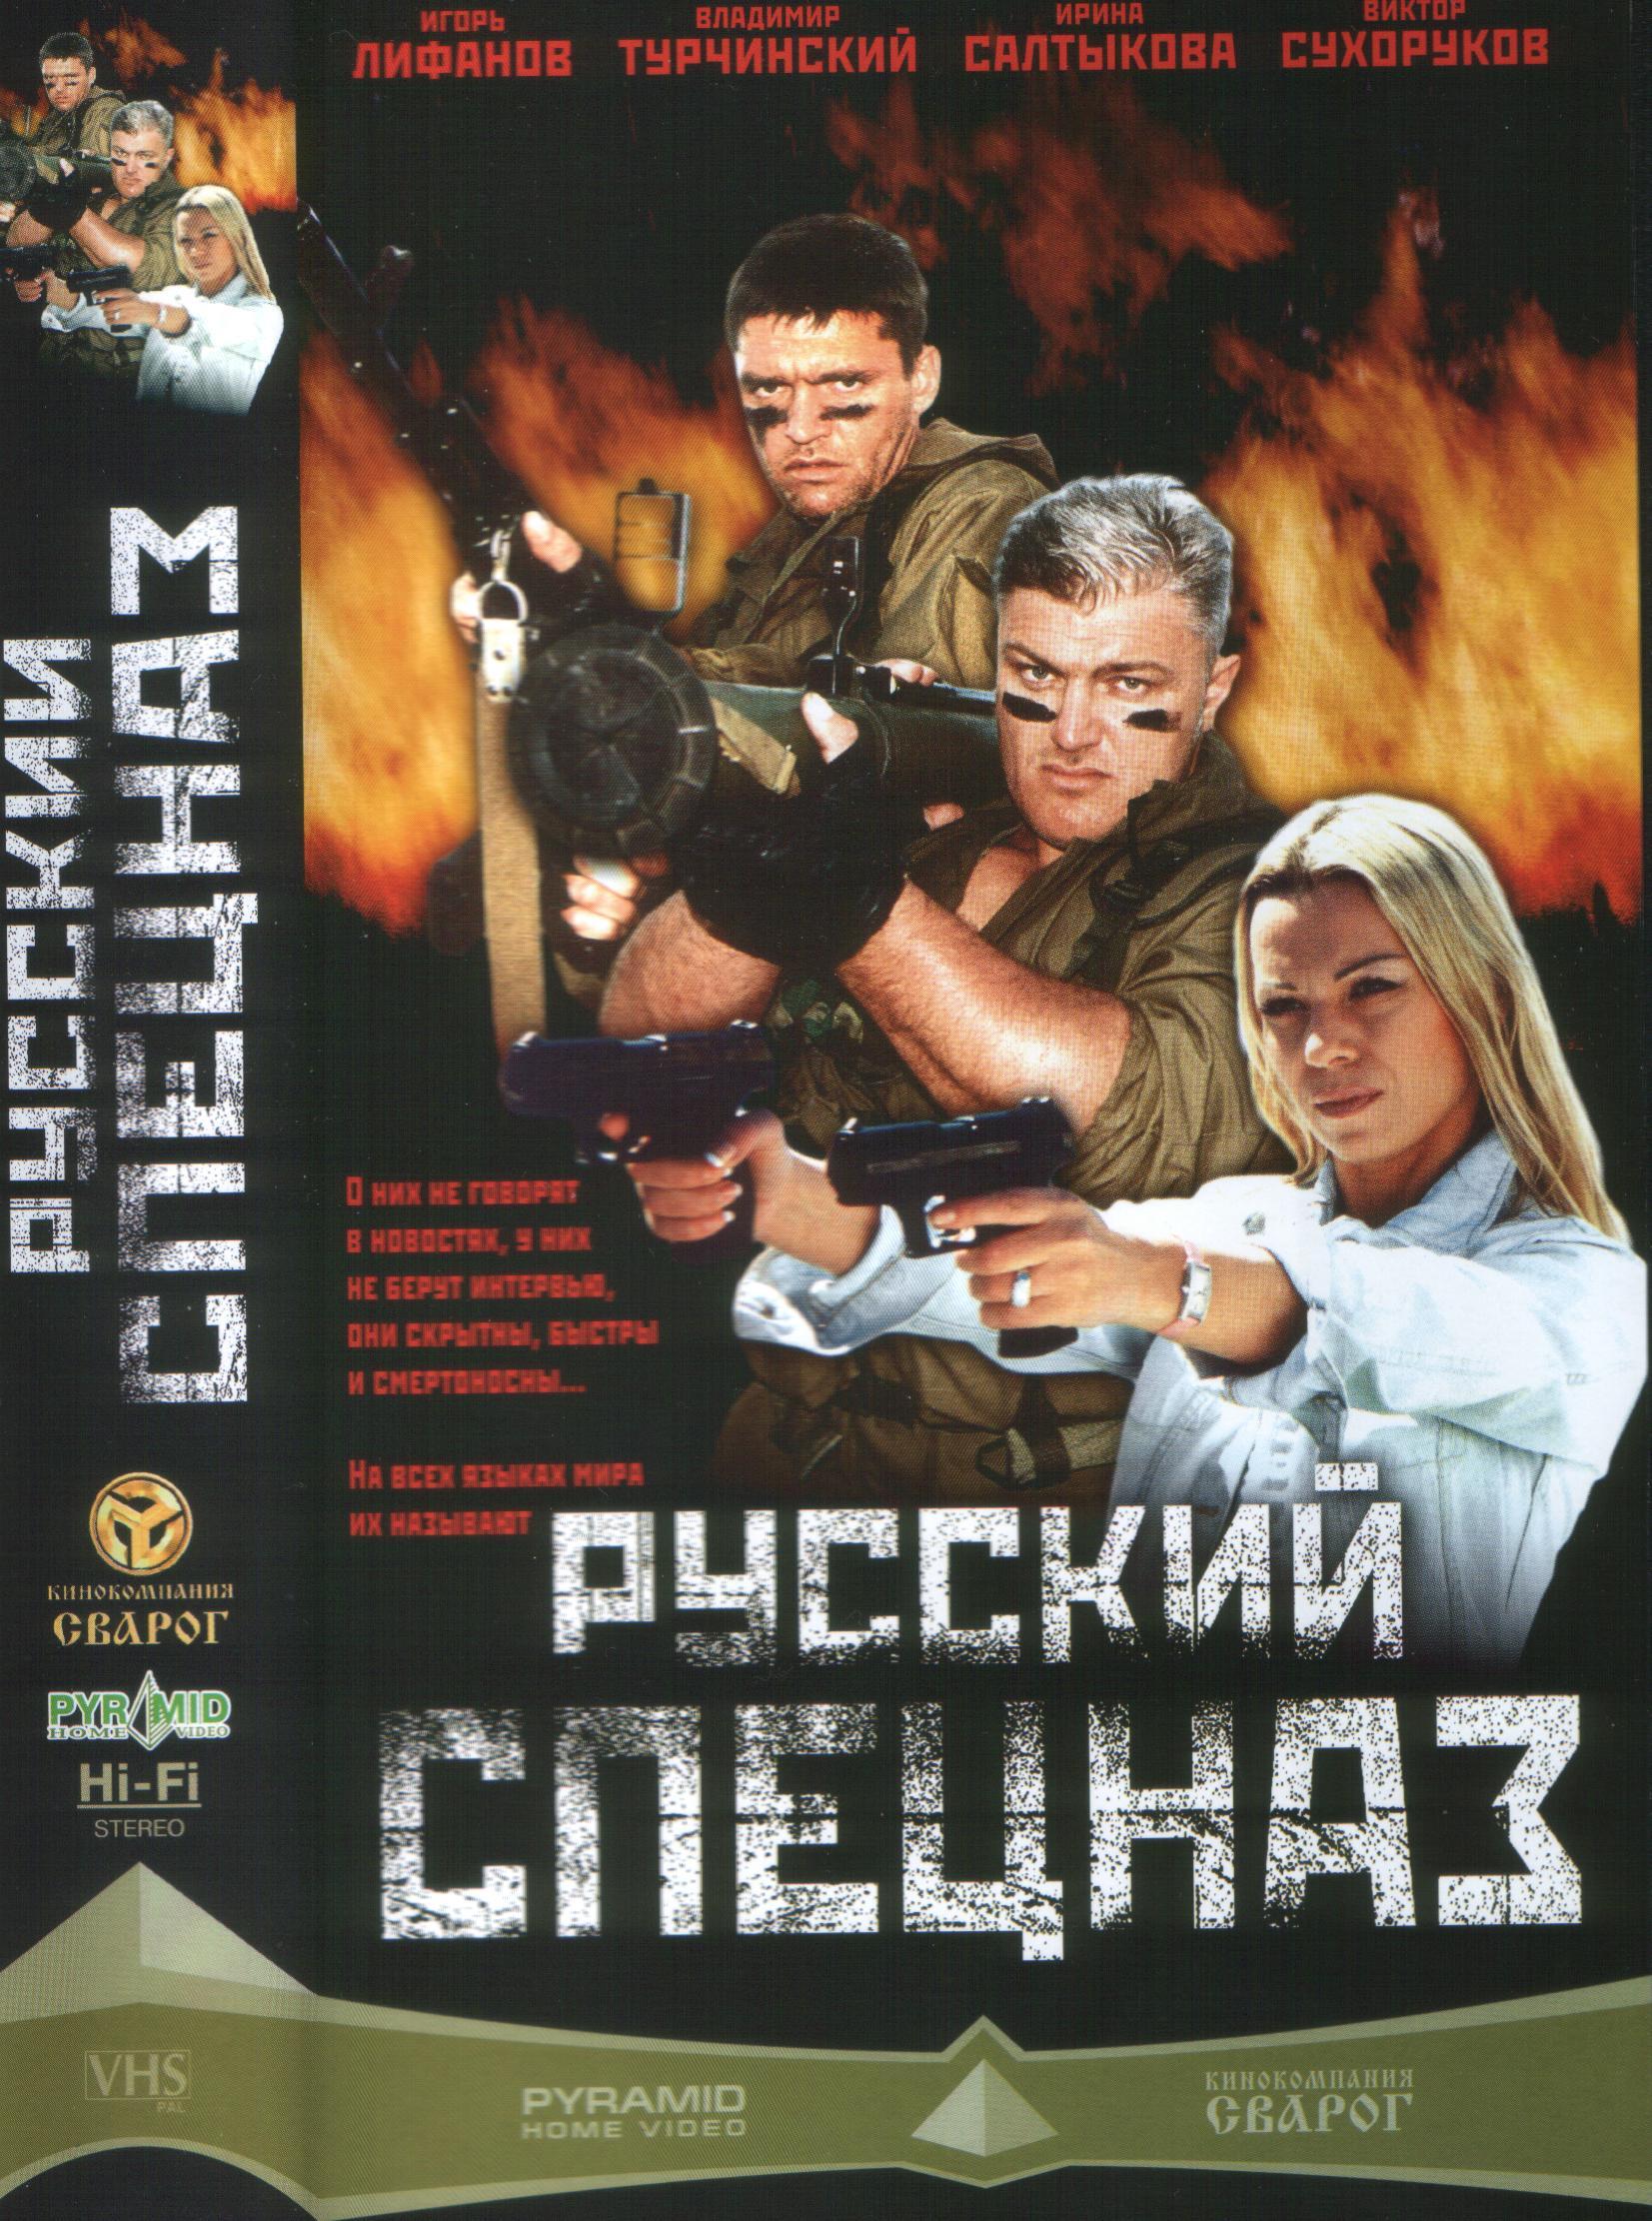 Русские филми смотреть бесплатно 16 фотография